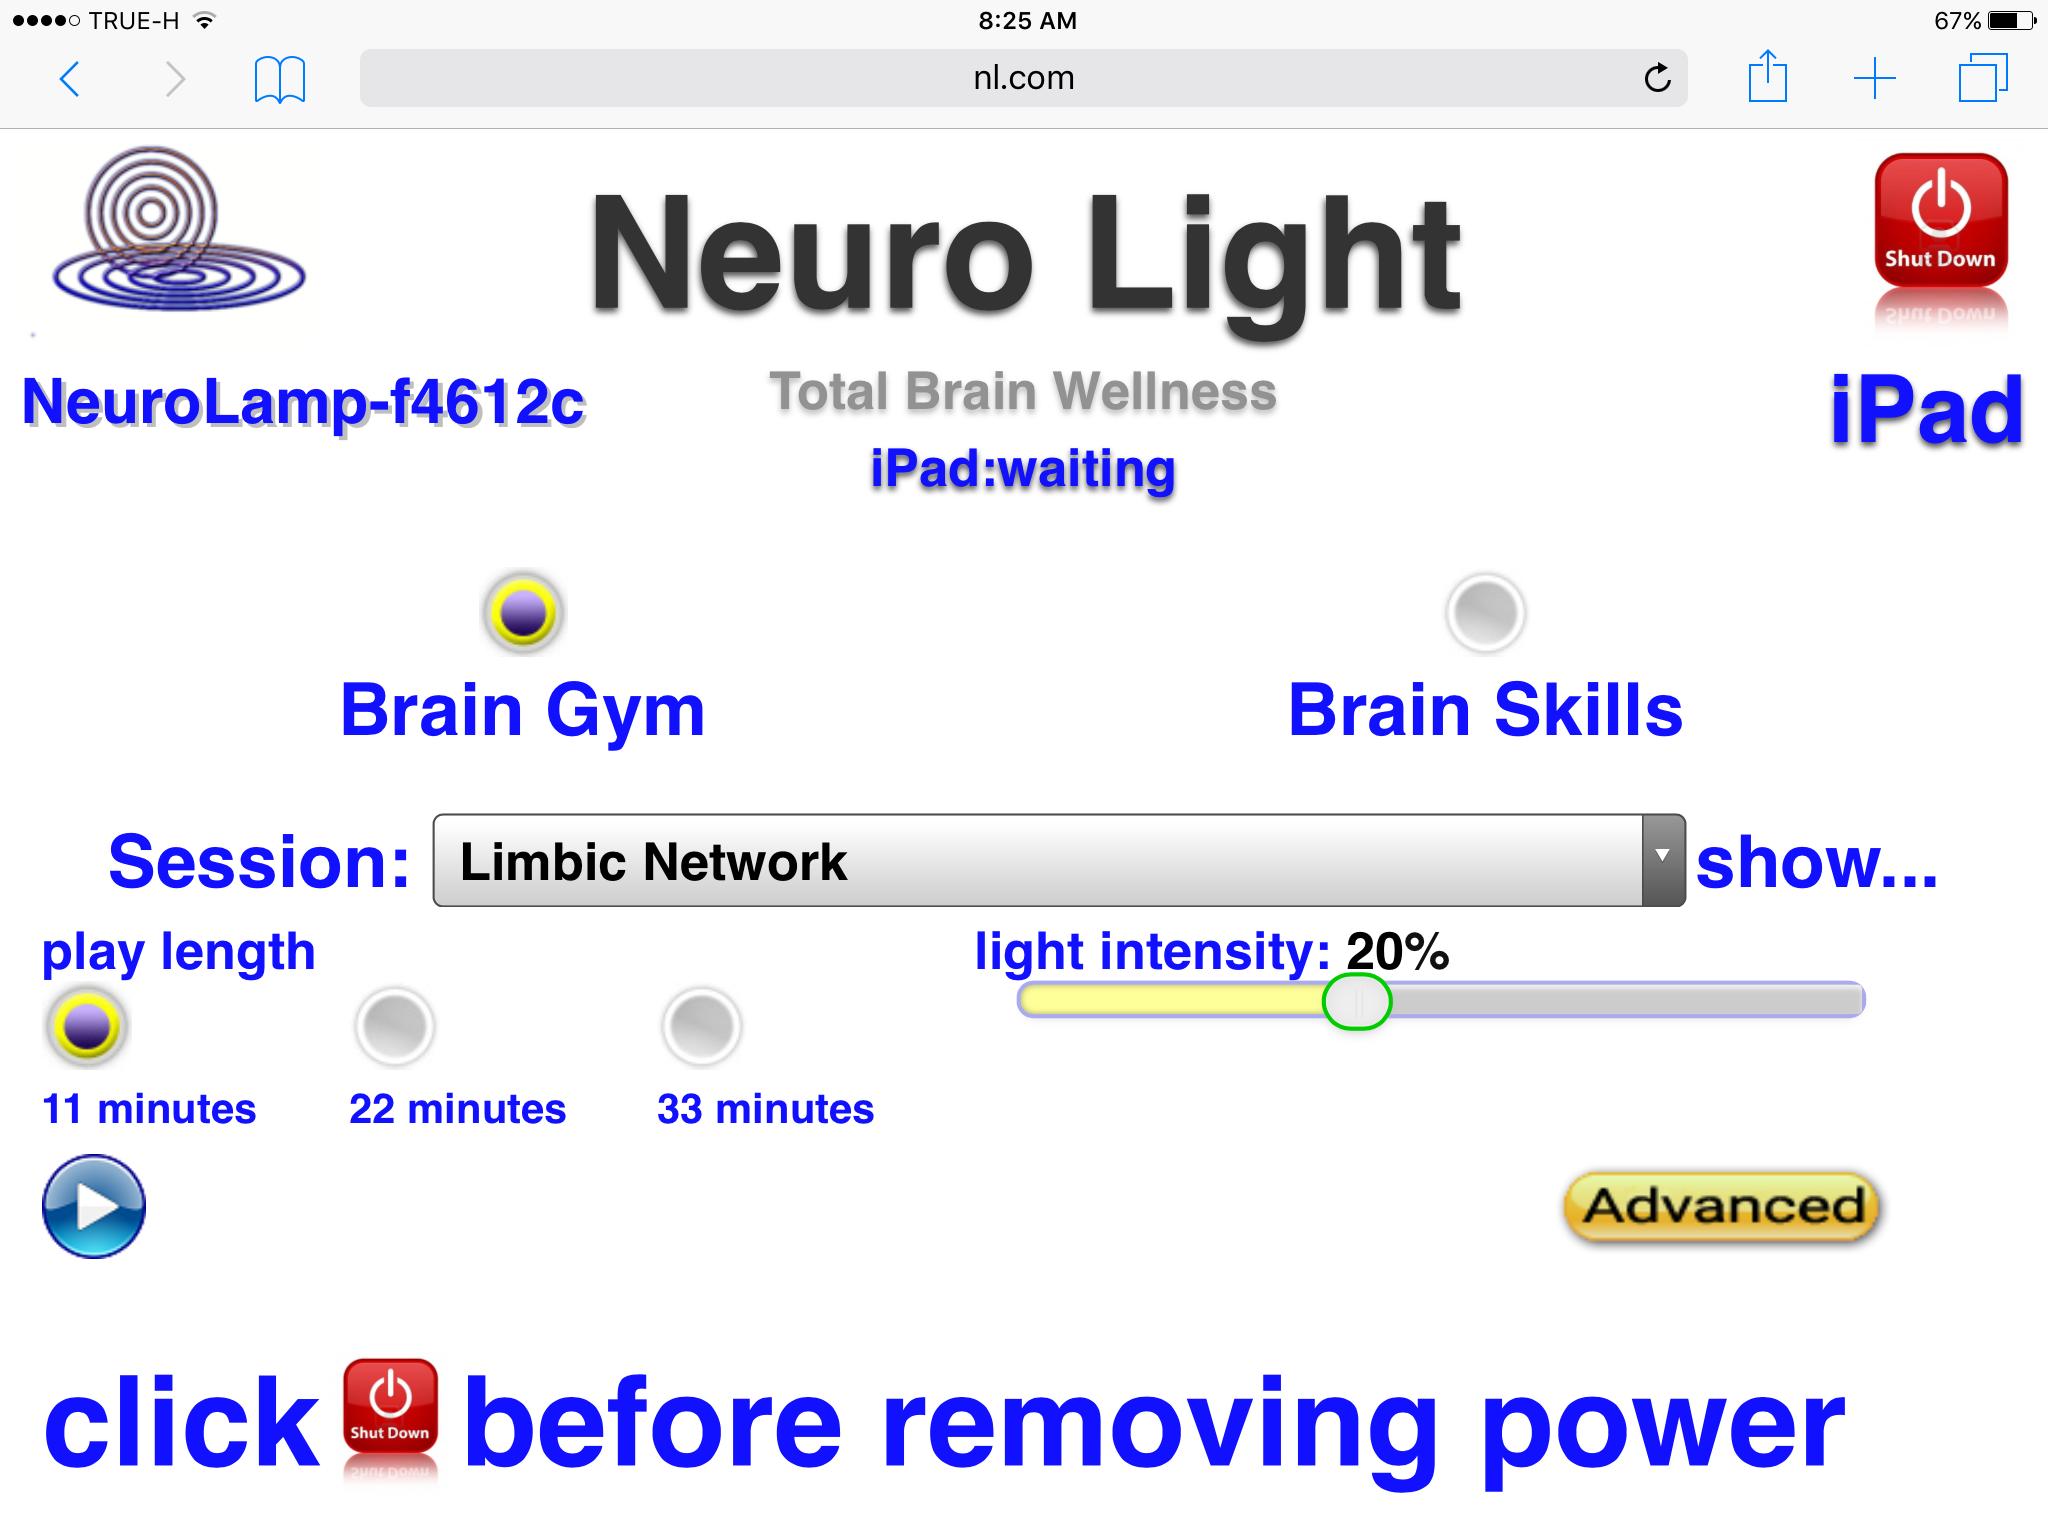 brain gym research